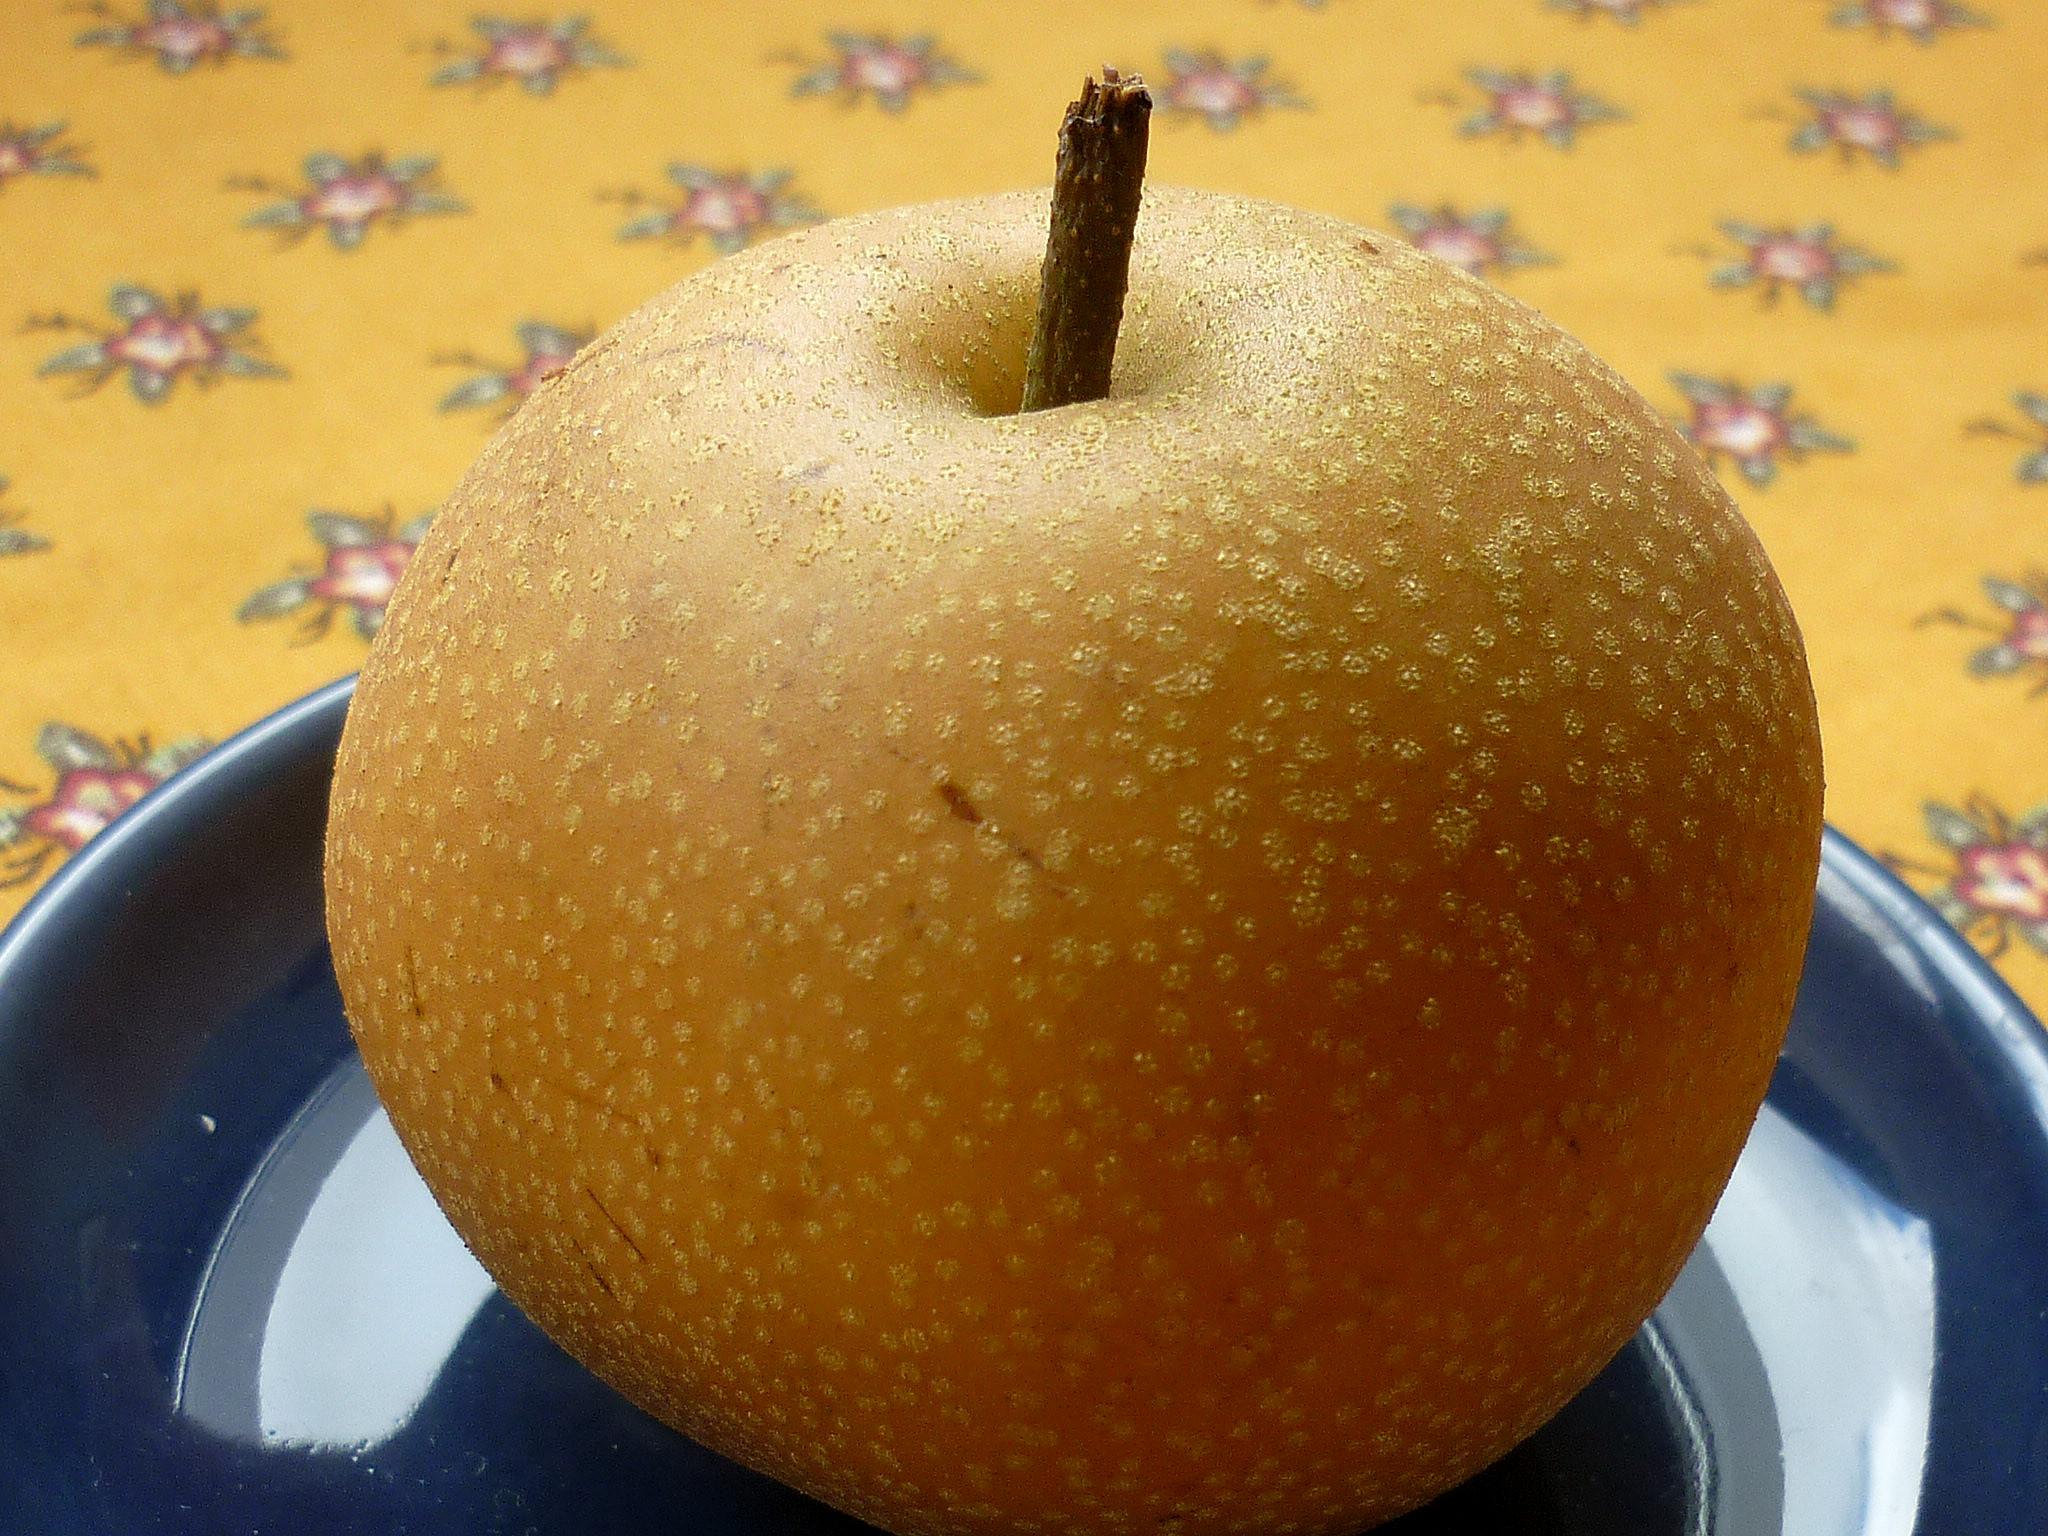 Pomme poire nashi les taxinomes - Maison de la pomme et de la poire ...